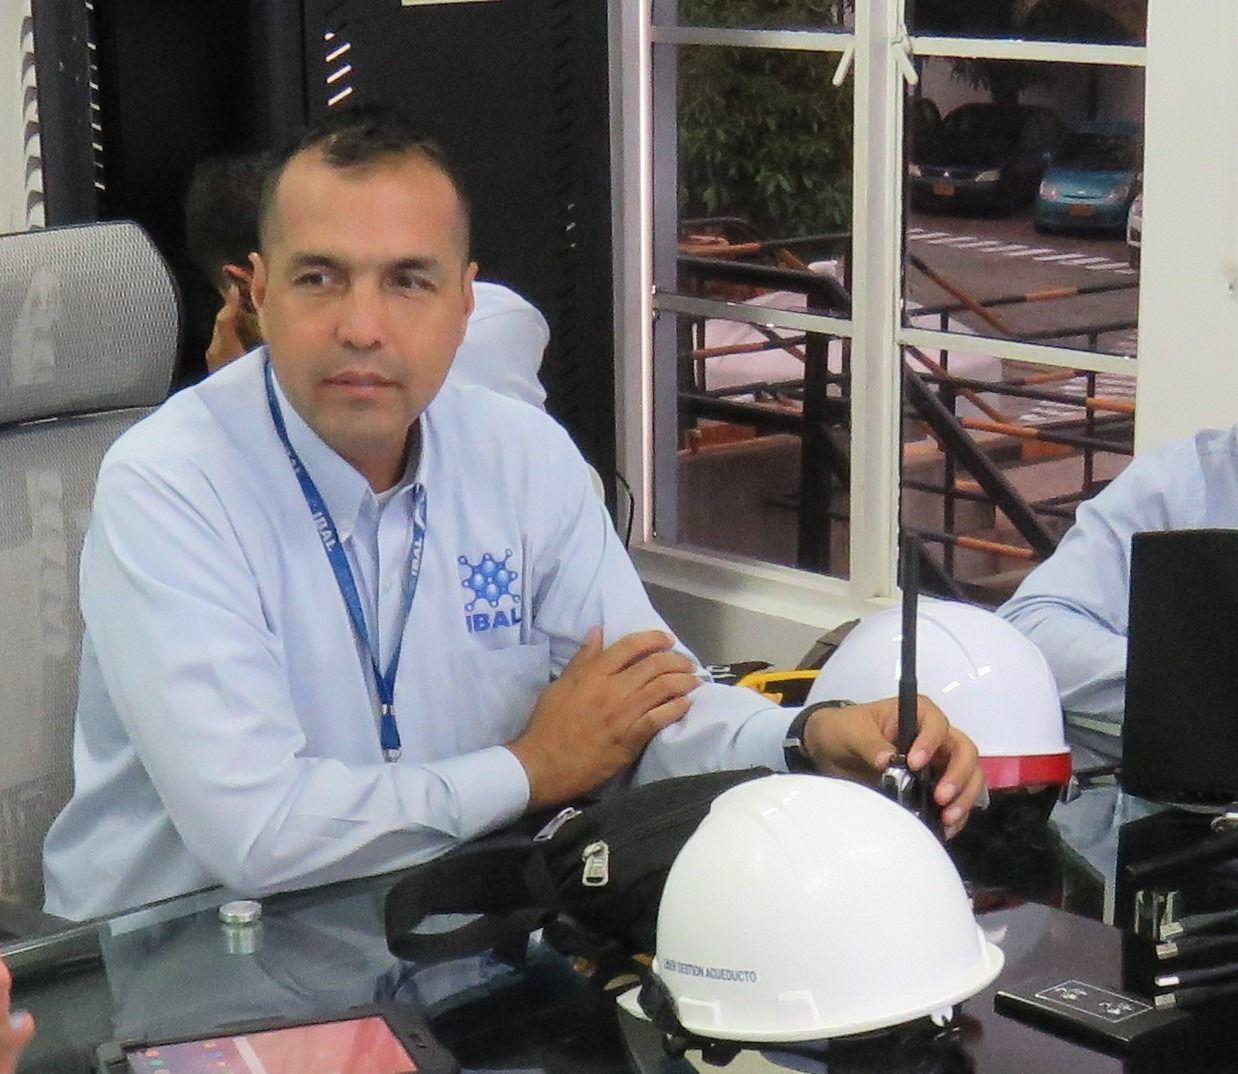 Secretario de Infraestructura asume como gerente encargado del Ibal